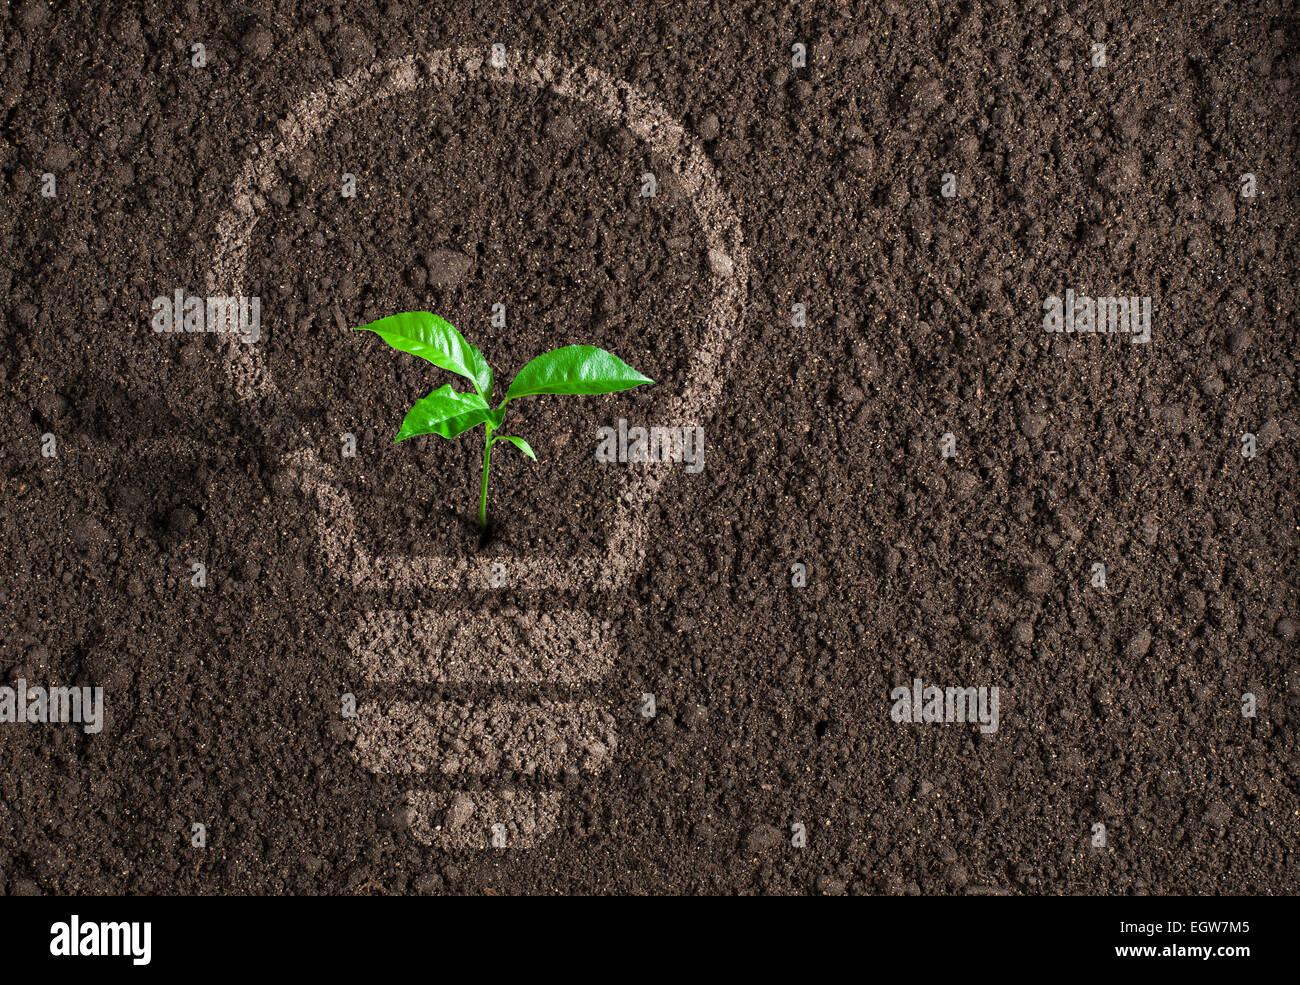 Plante verte ampoule en silhouette sur fond de sol Photo Stock